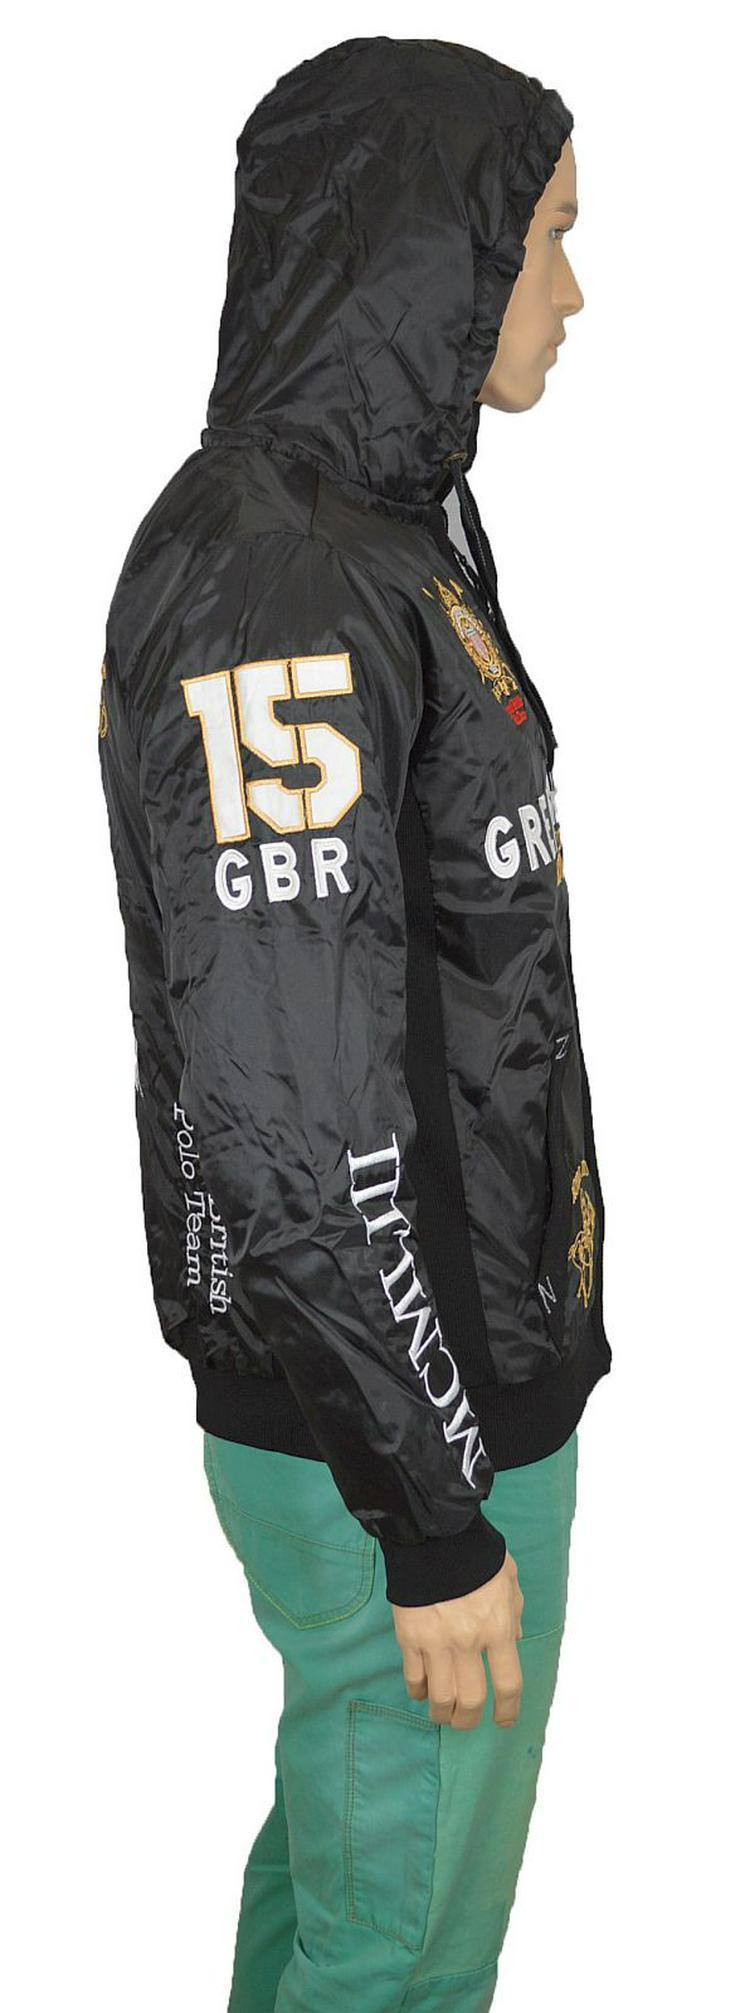 Bild 4: GN Bingland Great Britain Jacken nur für Abholer 11021602